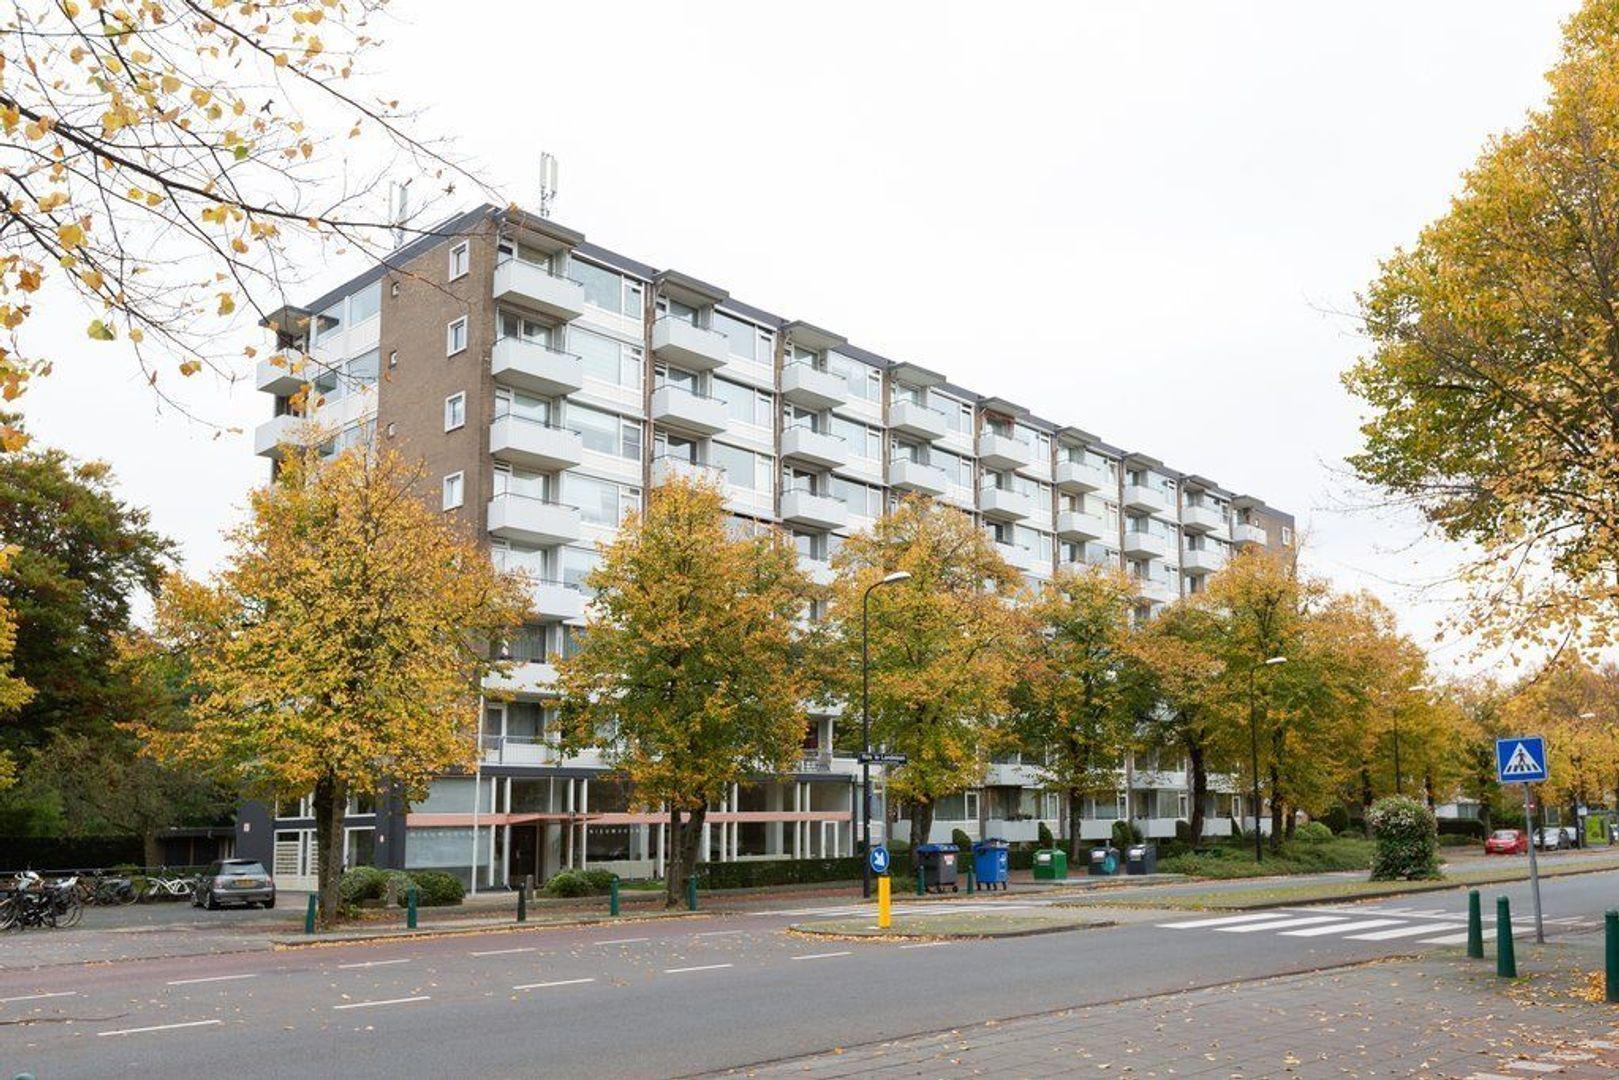 Huis te Landelaan 15 F615, Rijswijk foto-0 blur